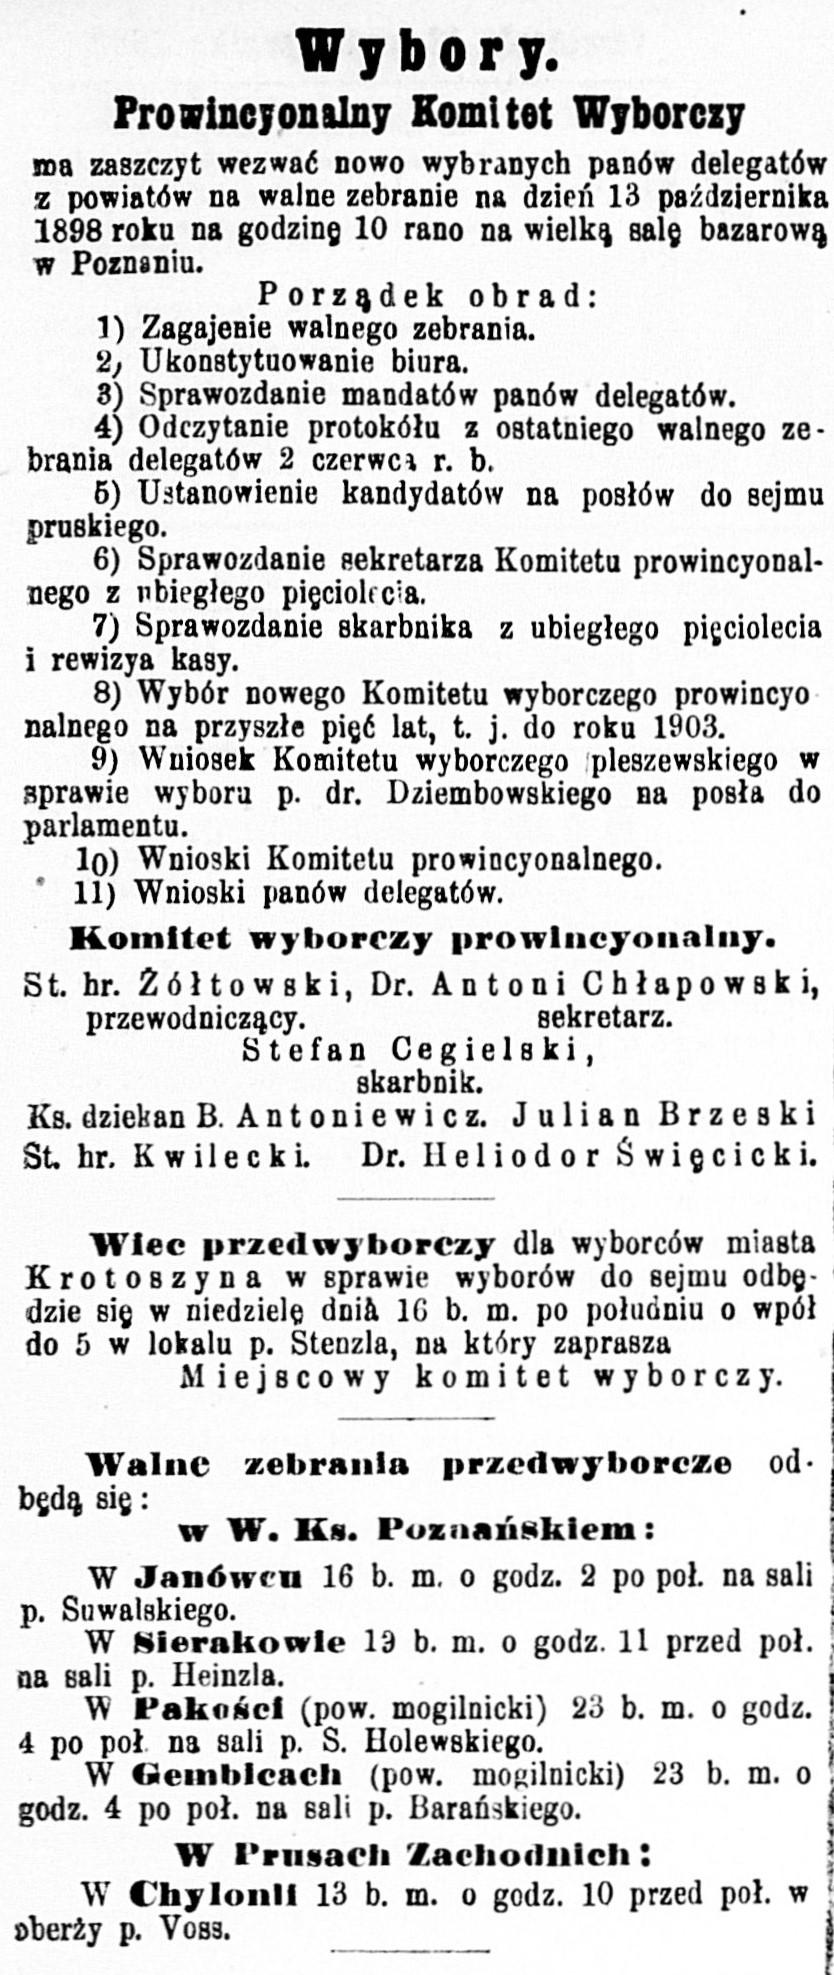 W Prusach Zachodnich: W Chylonii 13 b.m. o godz. 10 przed poł. w oberży p. Voss, [w:] Wybory Prowincjonalny Komitet Wyborczy ... // Dziennik Poznański. - 1898, nr 234, s. 2